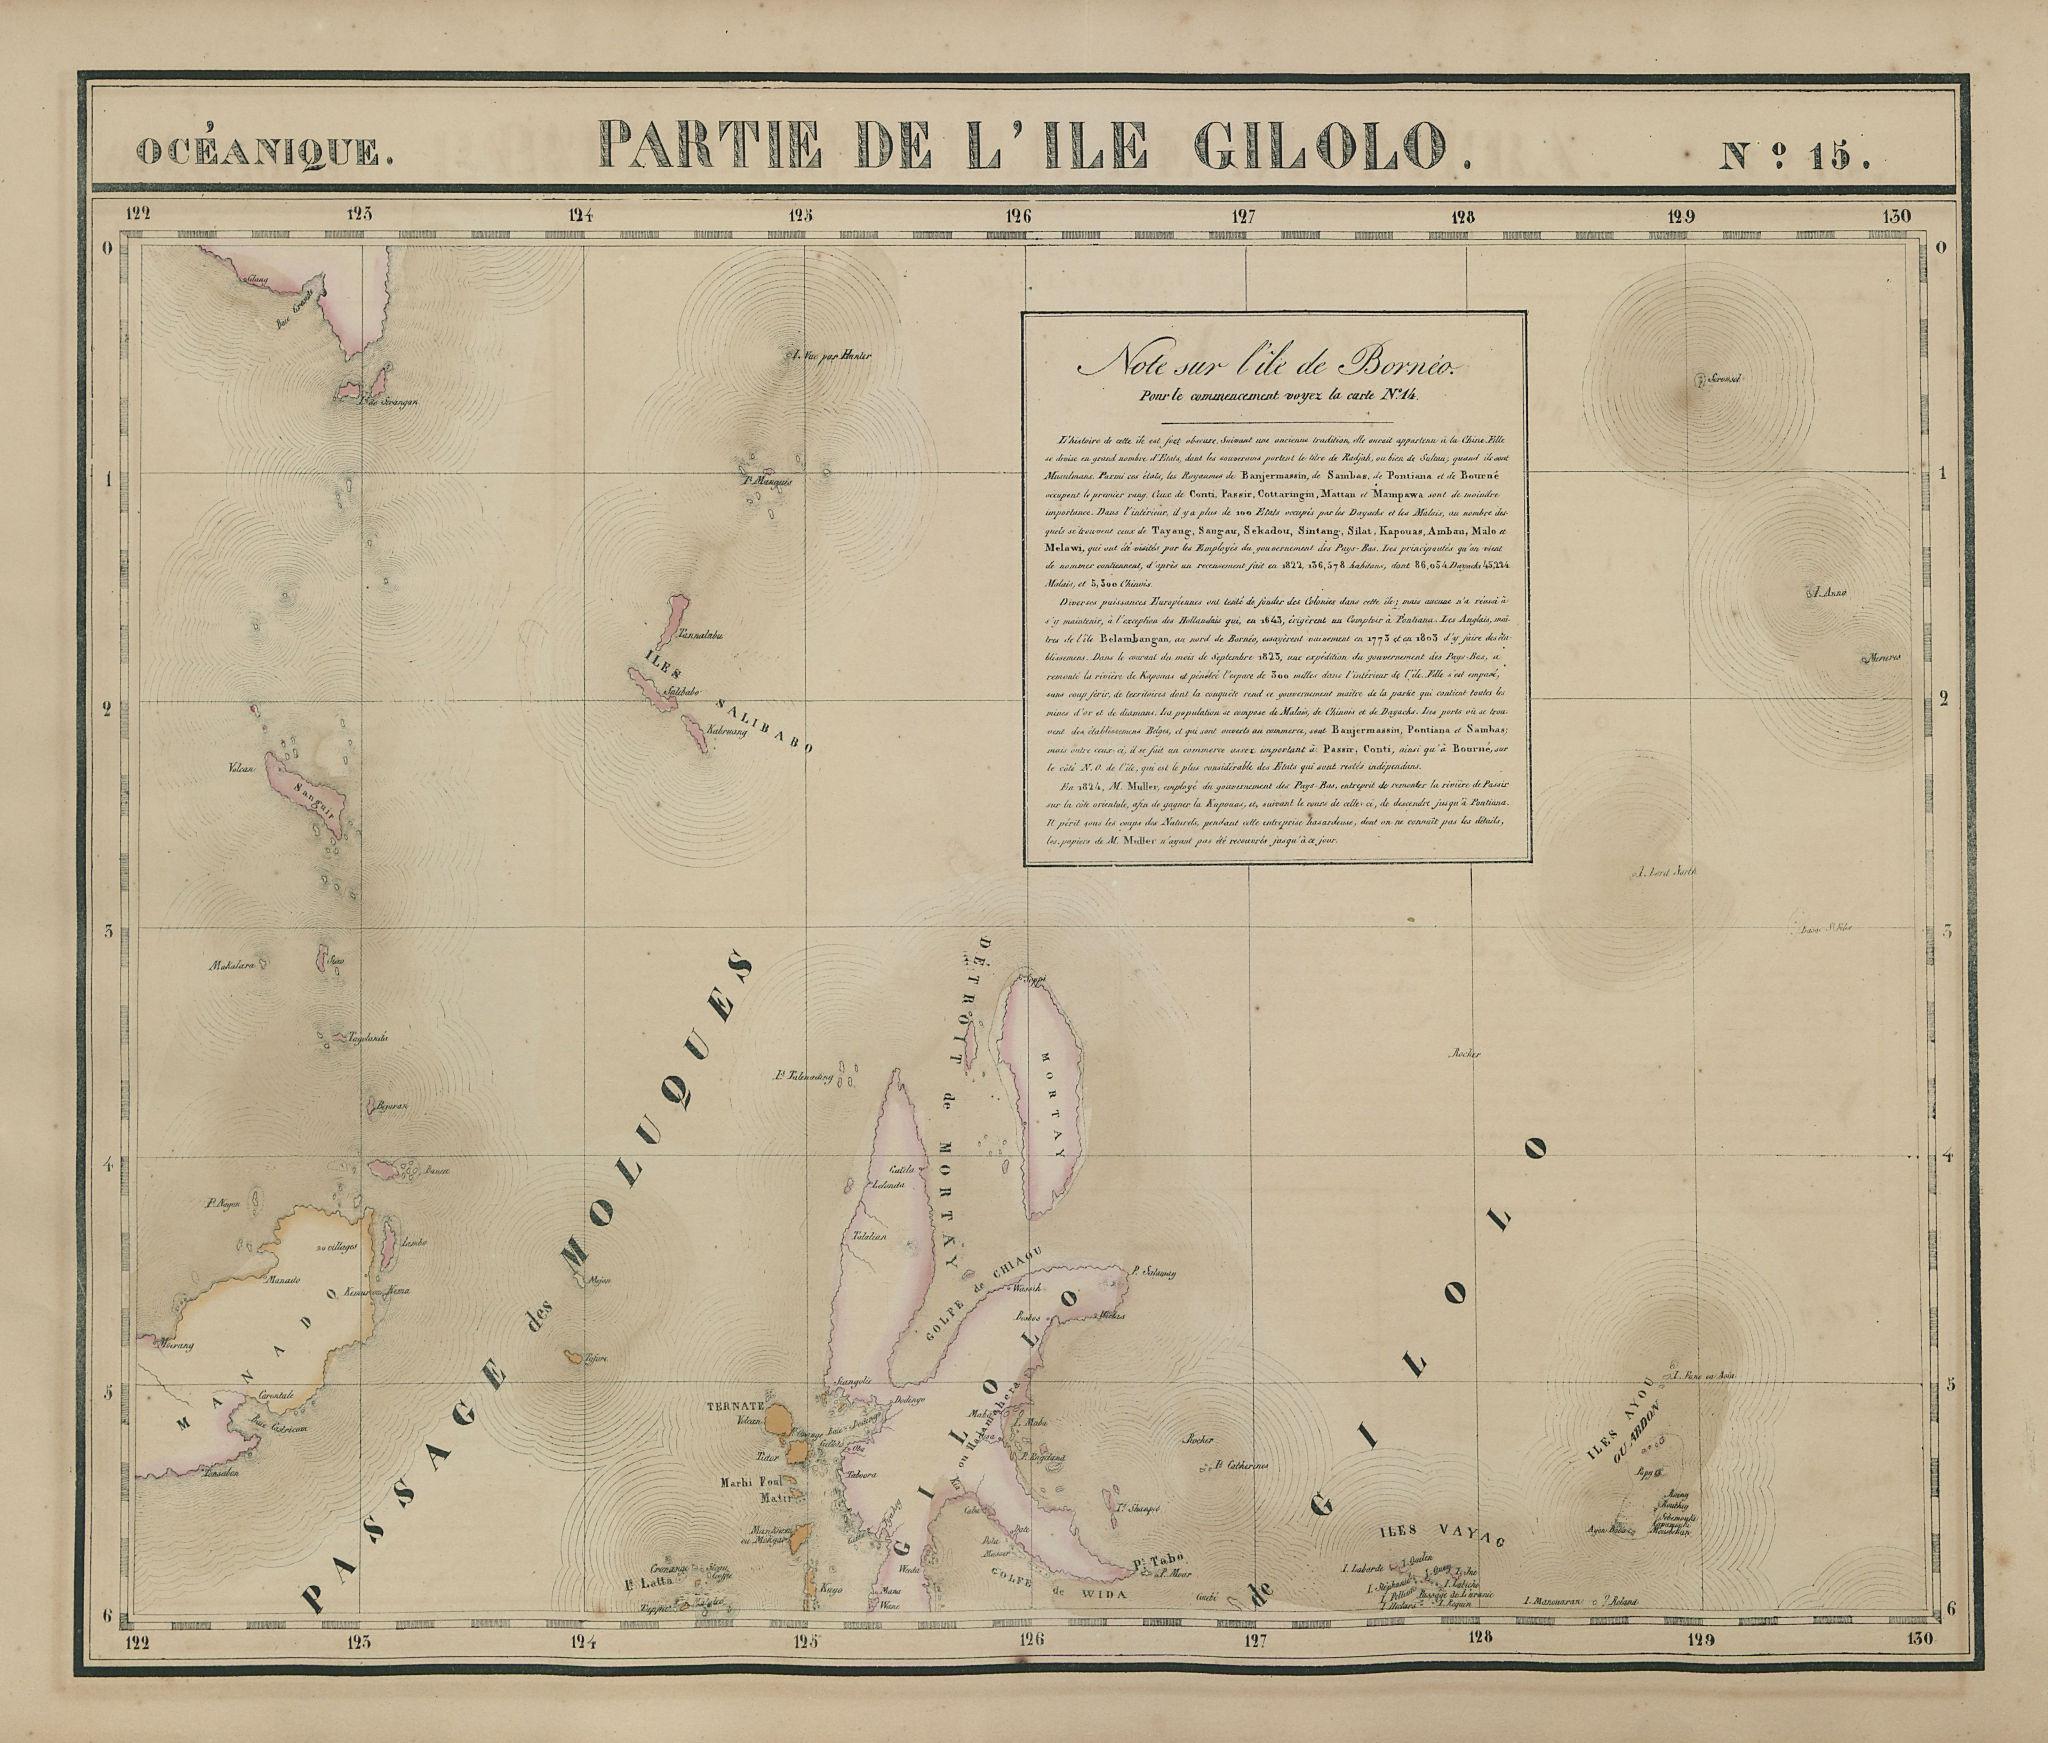 Océanique. Partie de l'Ile Gilolo #15. Halmahera & Manado. VANDERMAELEN 1827 map